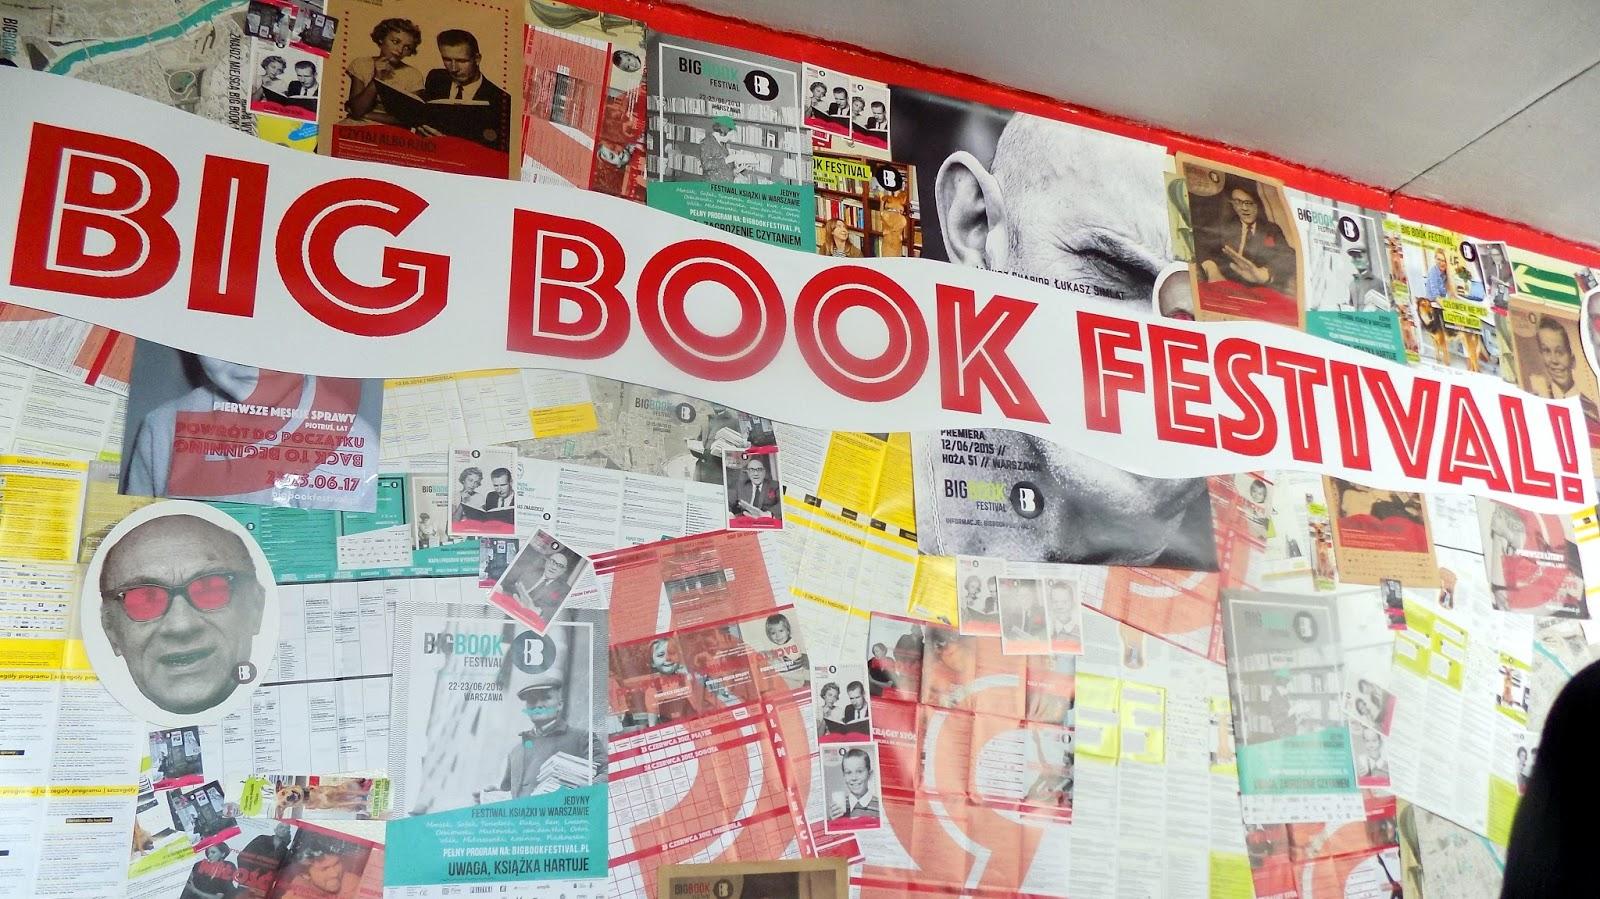 O Big Book Festival 2017